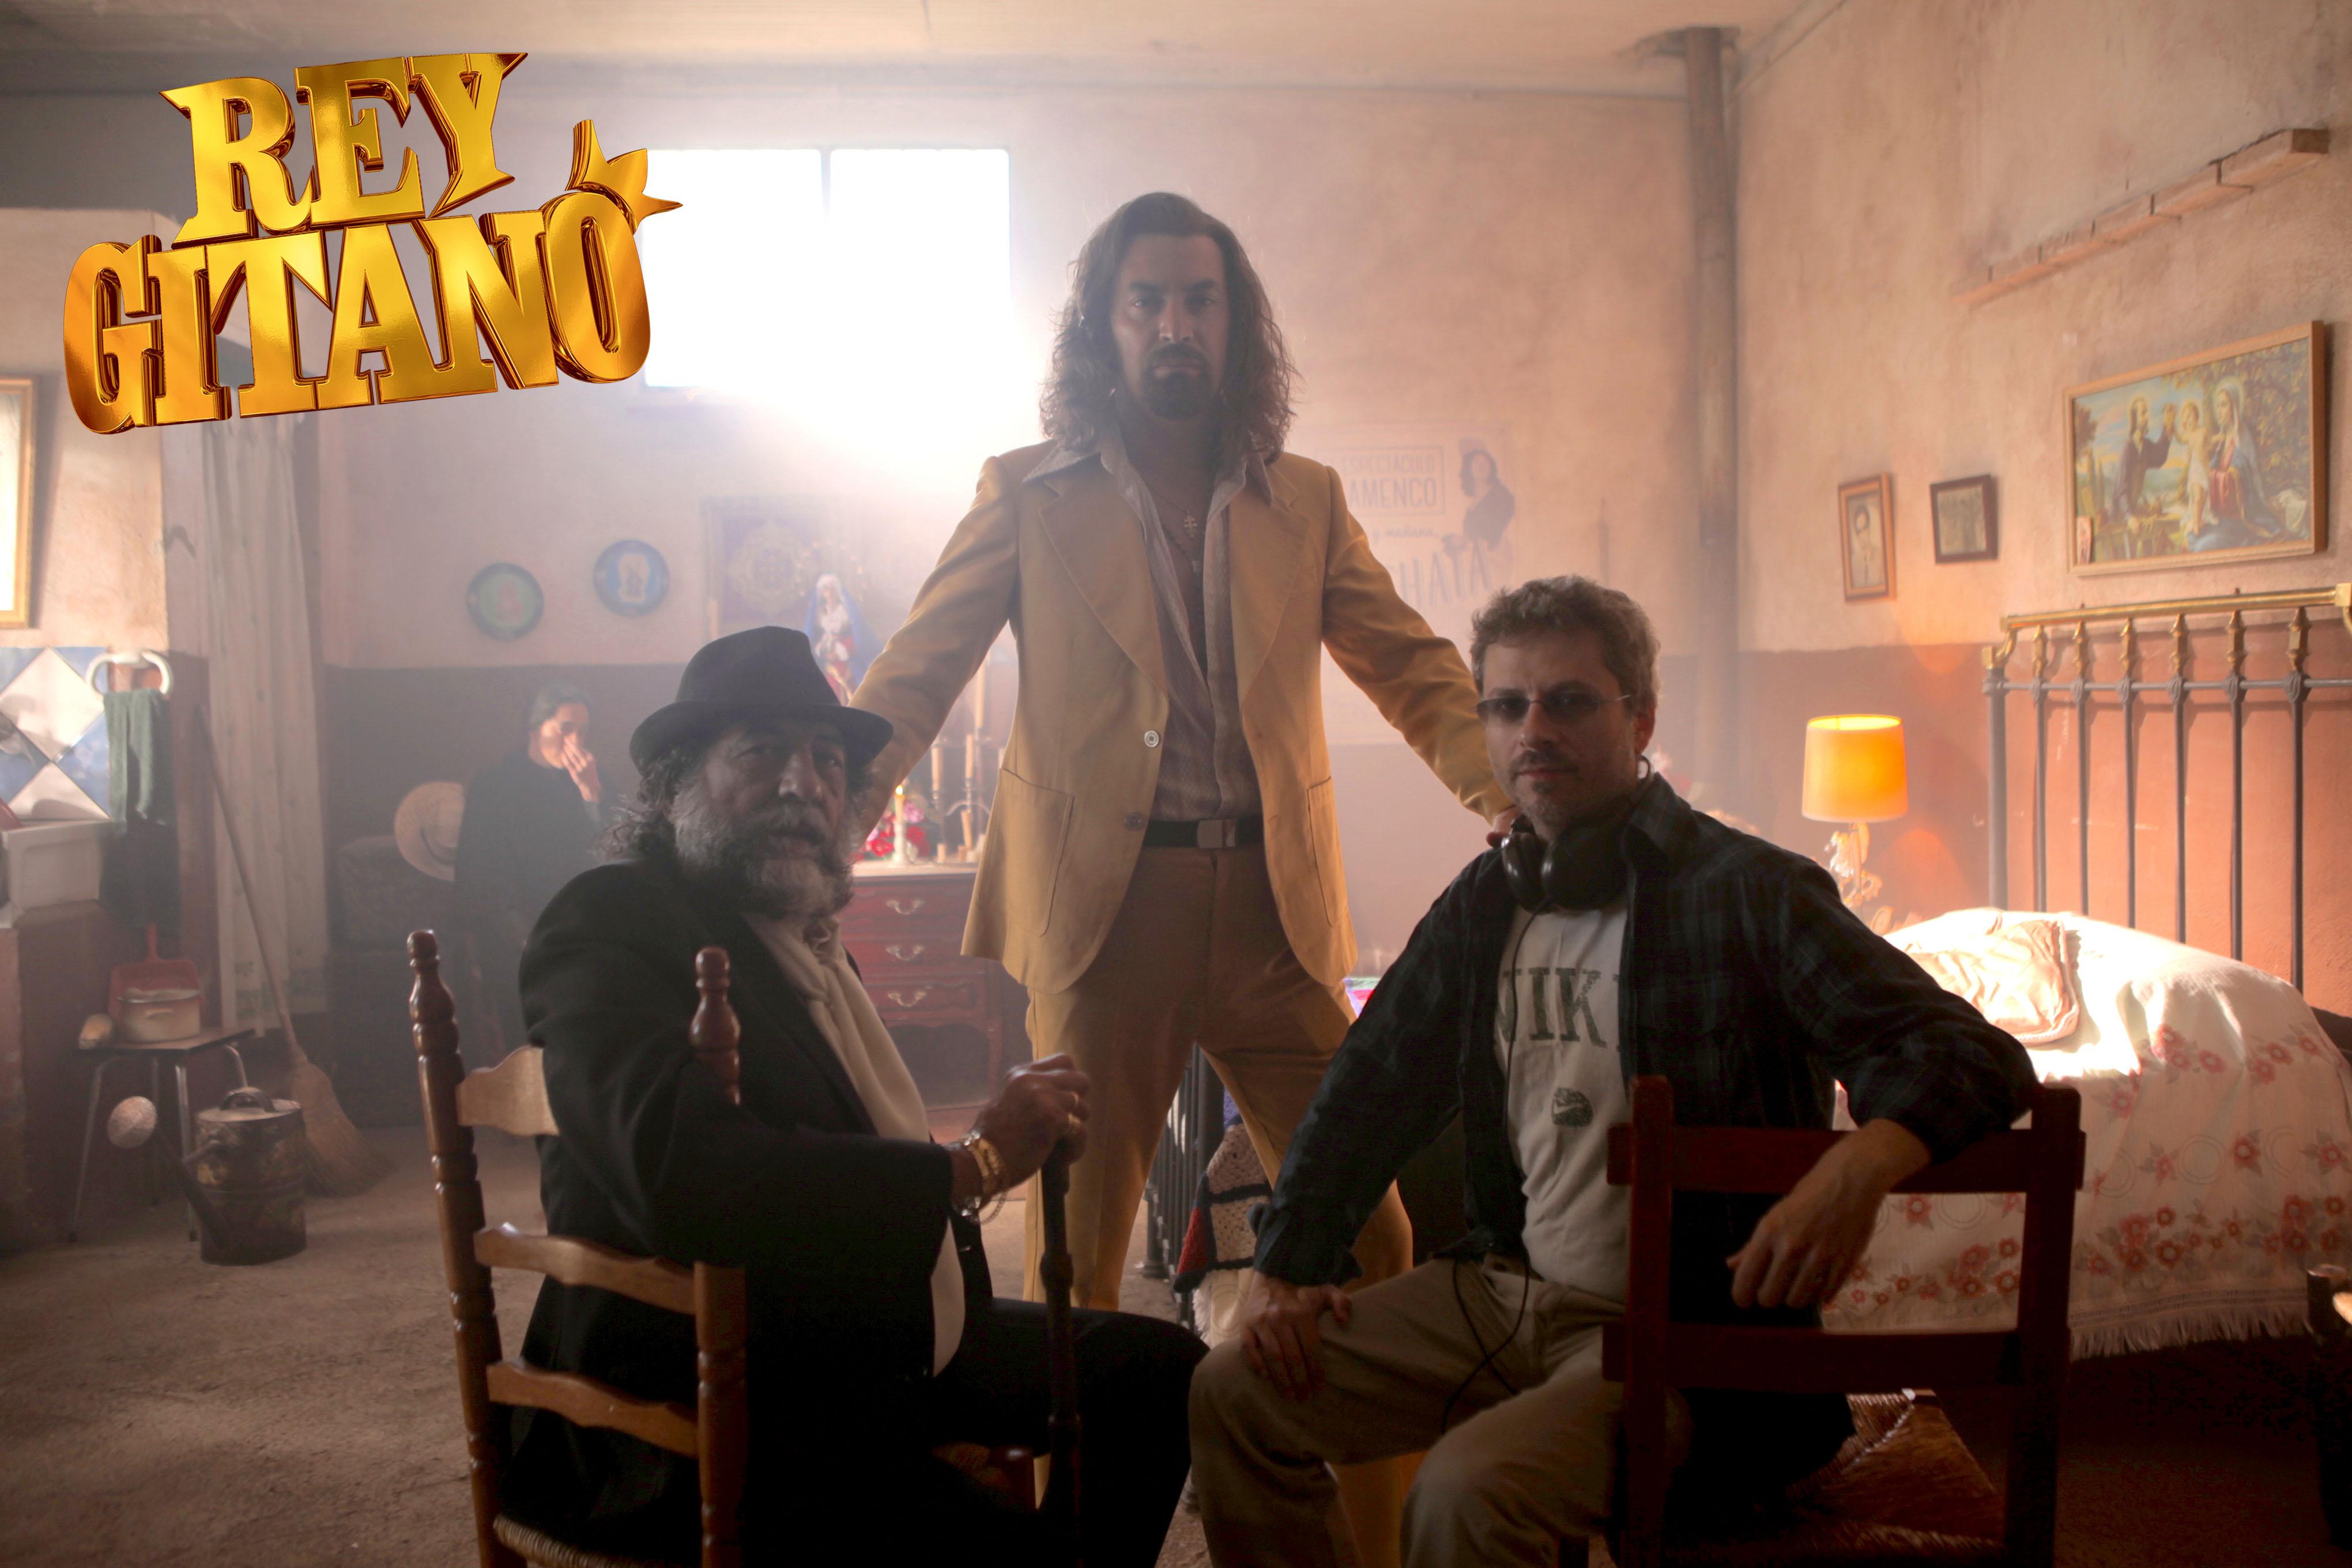 'Rey gitano' de Juanma Bajo Ulloa se estrenará el 10 de julio en cines